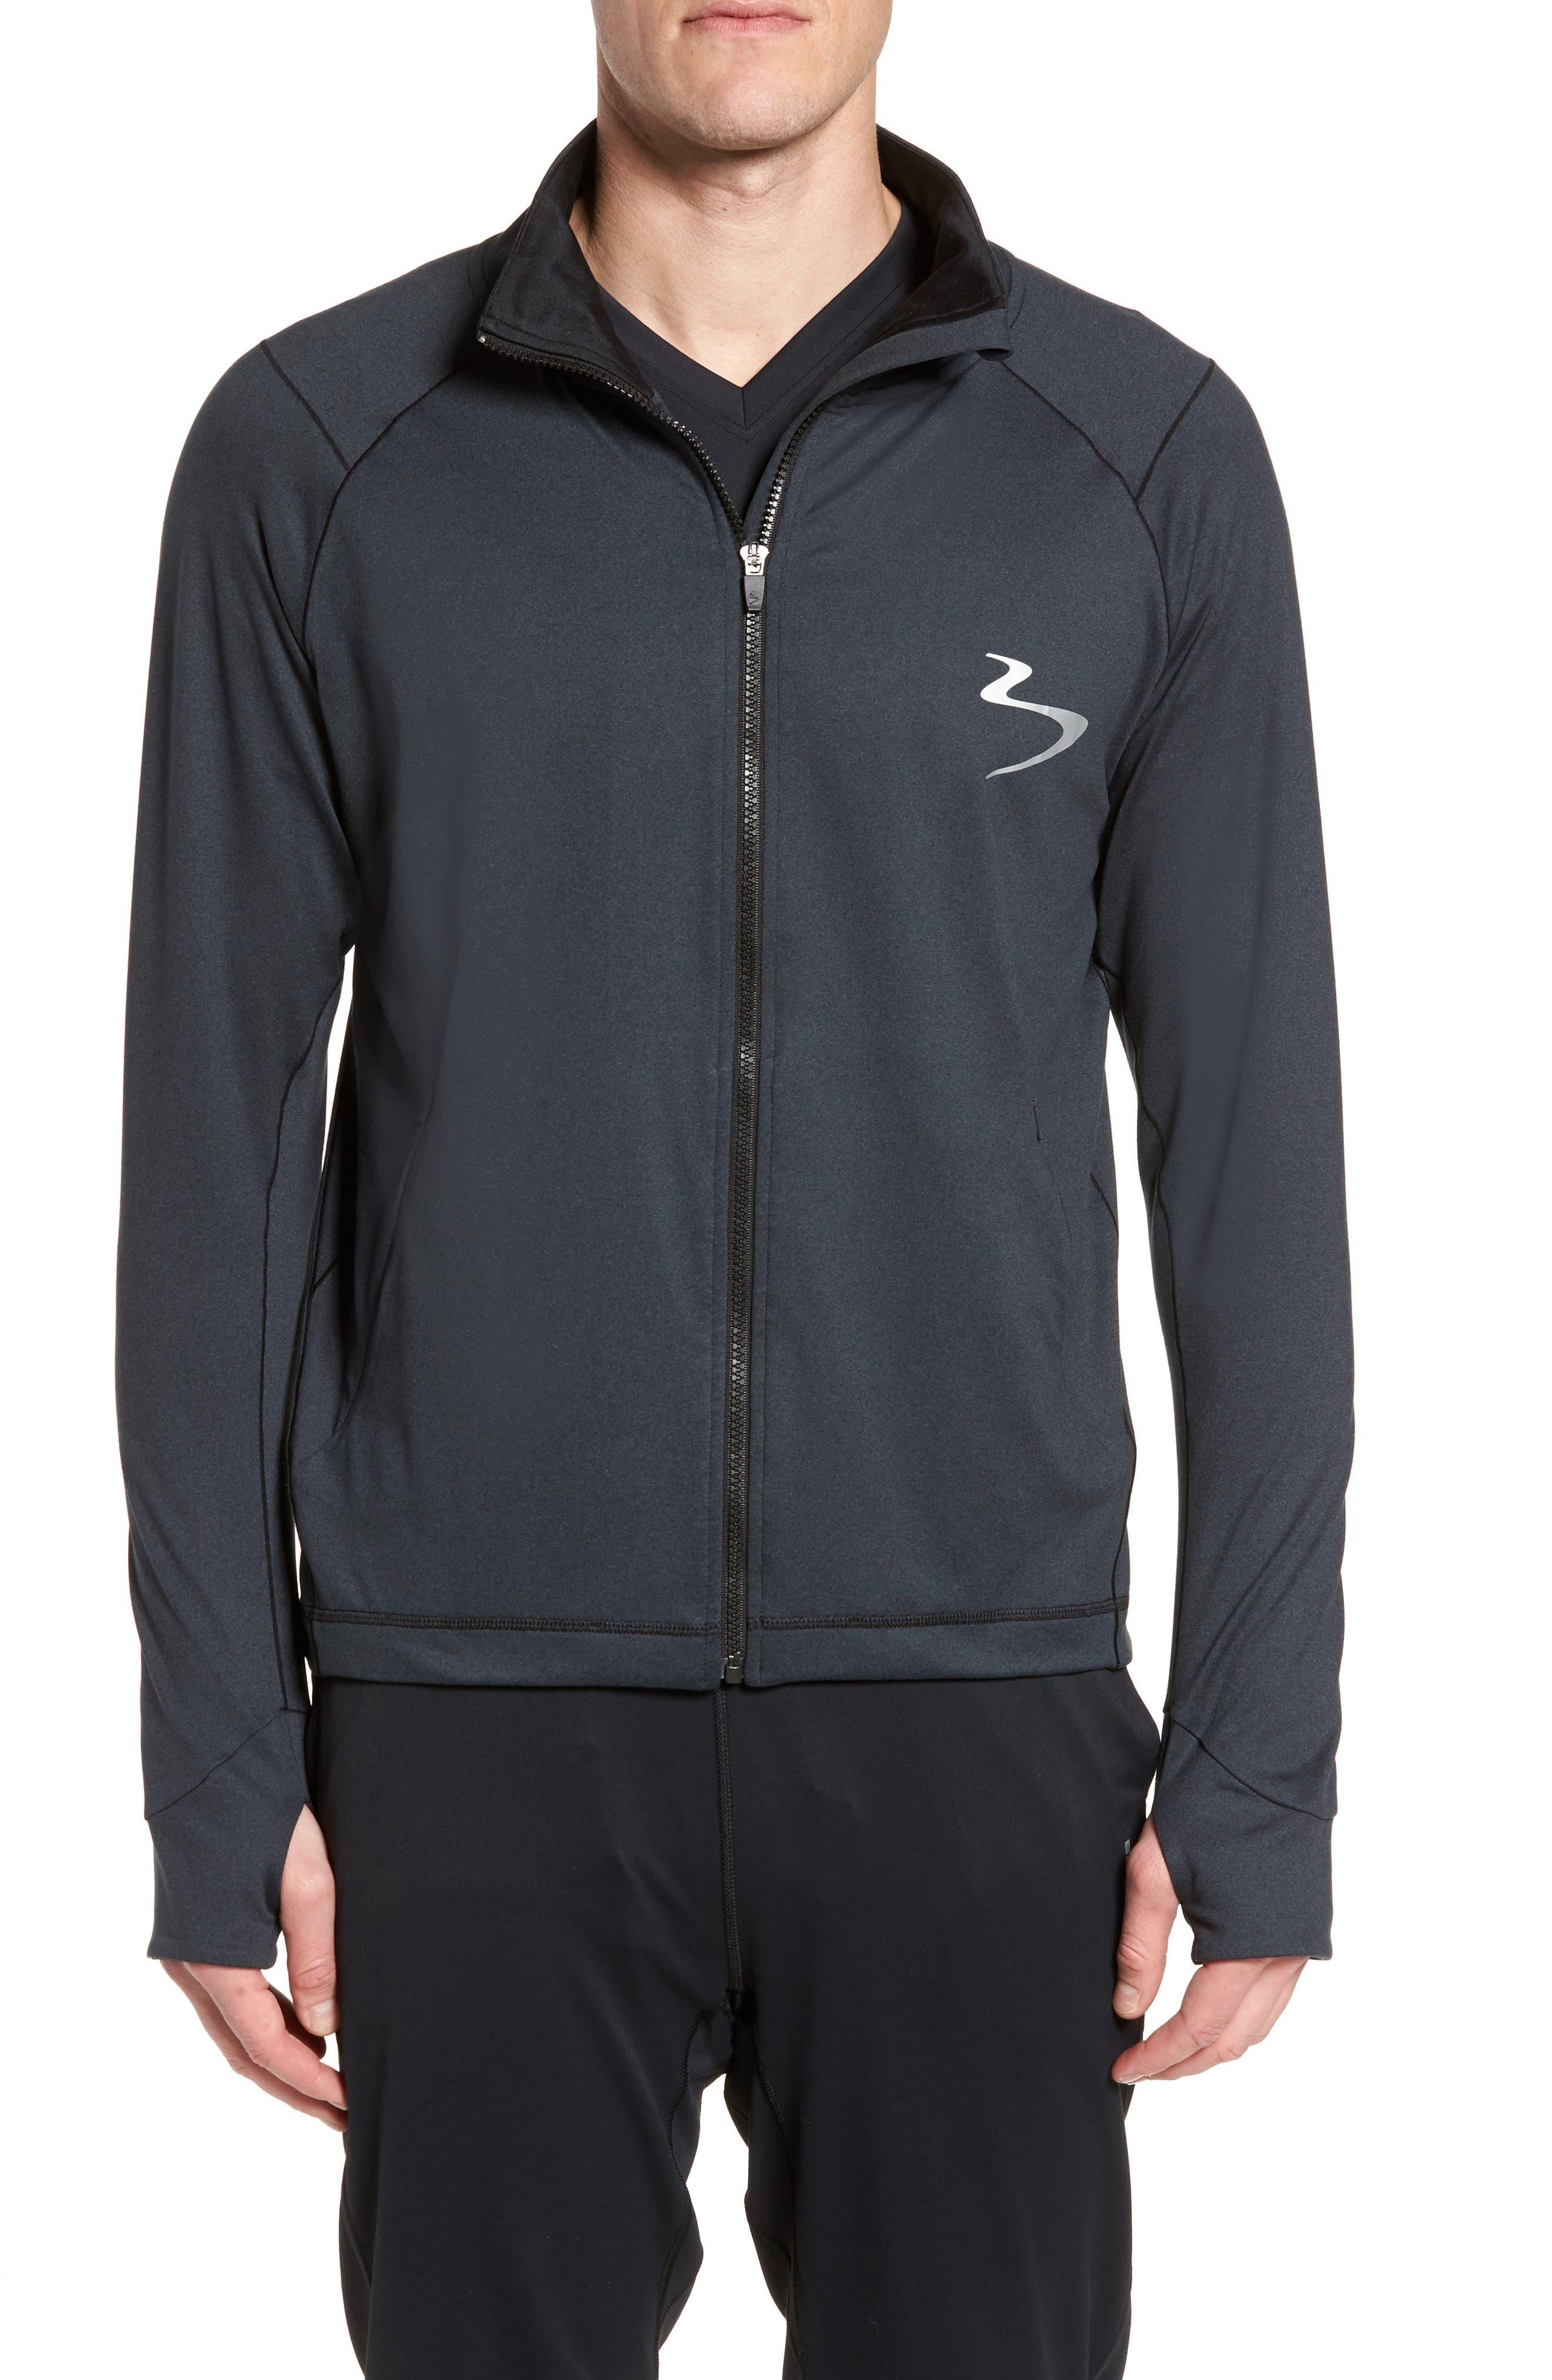 Energy Training Jacket,                         Main,                         color, Black Heather